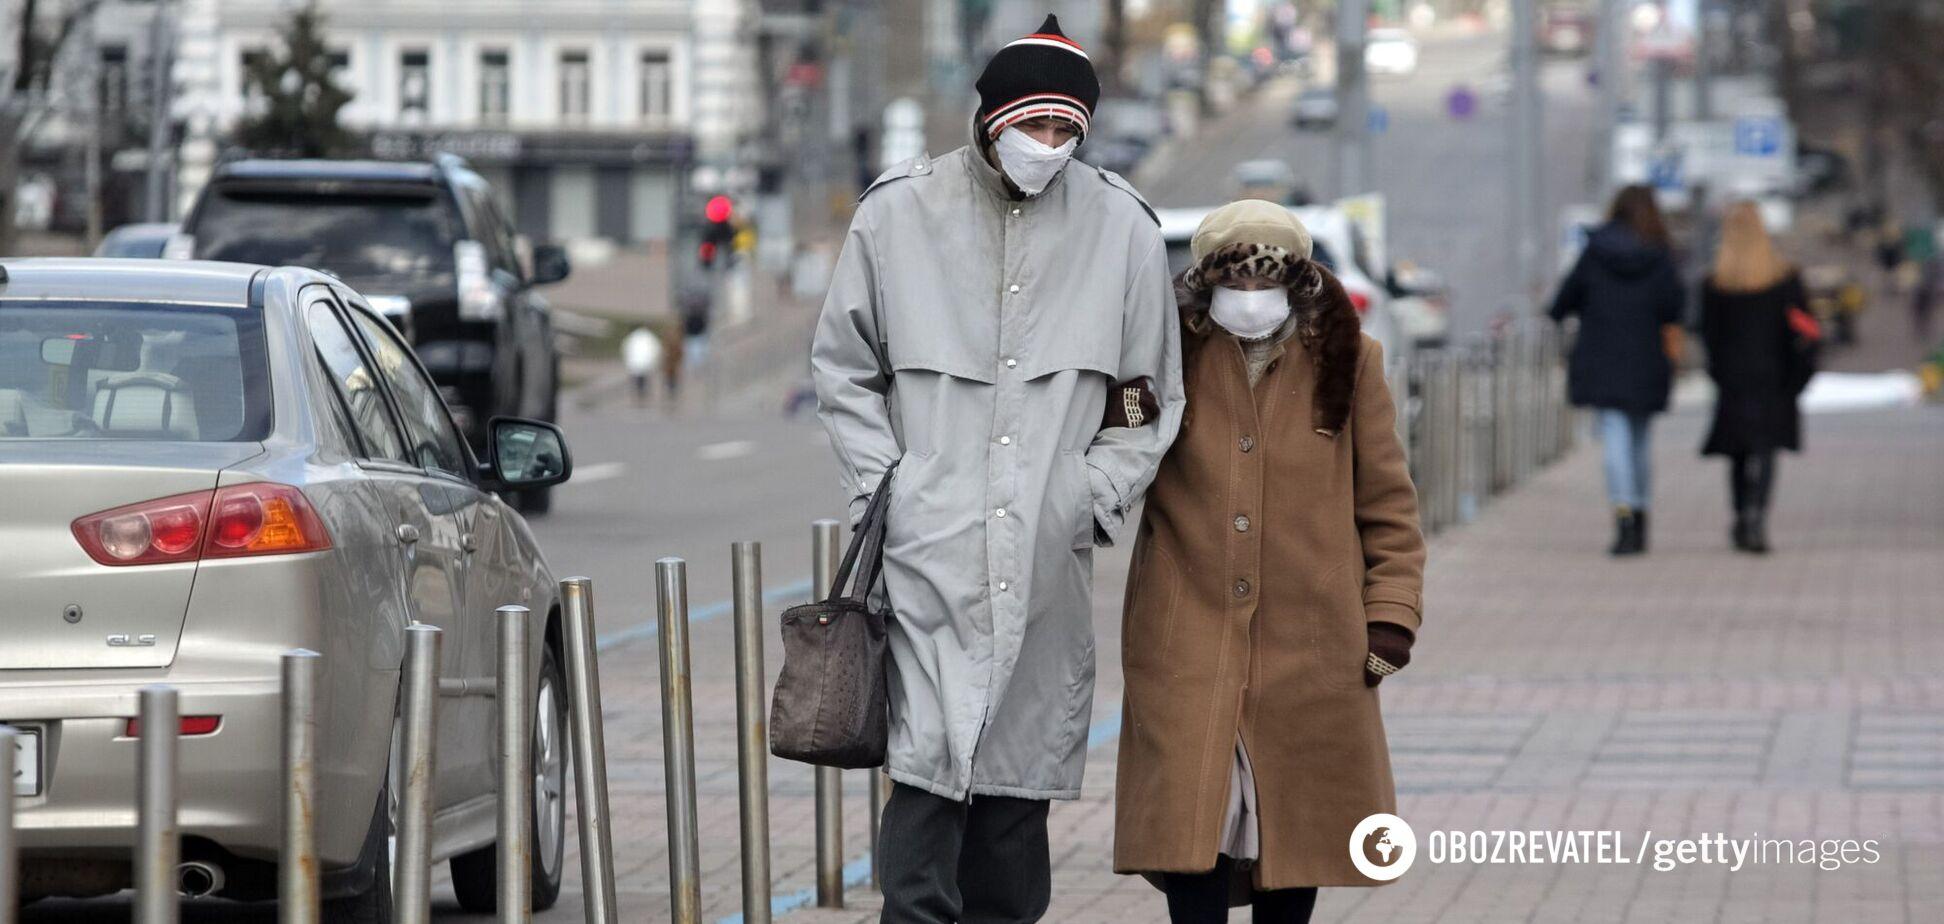 Хроника коронавируса на 20 марта: Украина в мировых лидерах по количеству новых заражений COVID-19